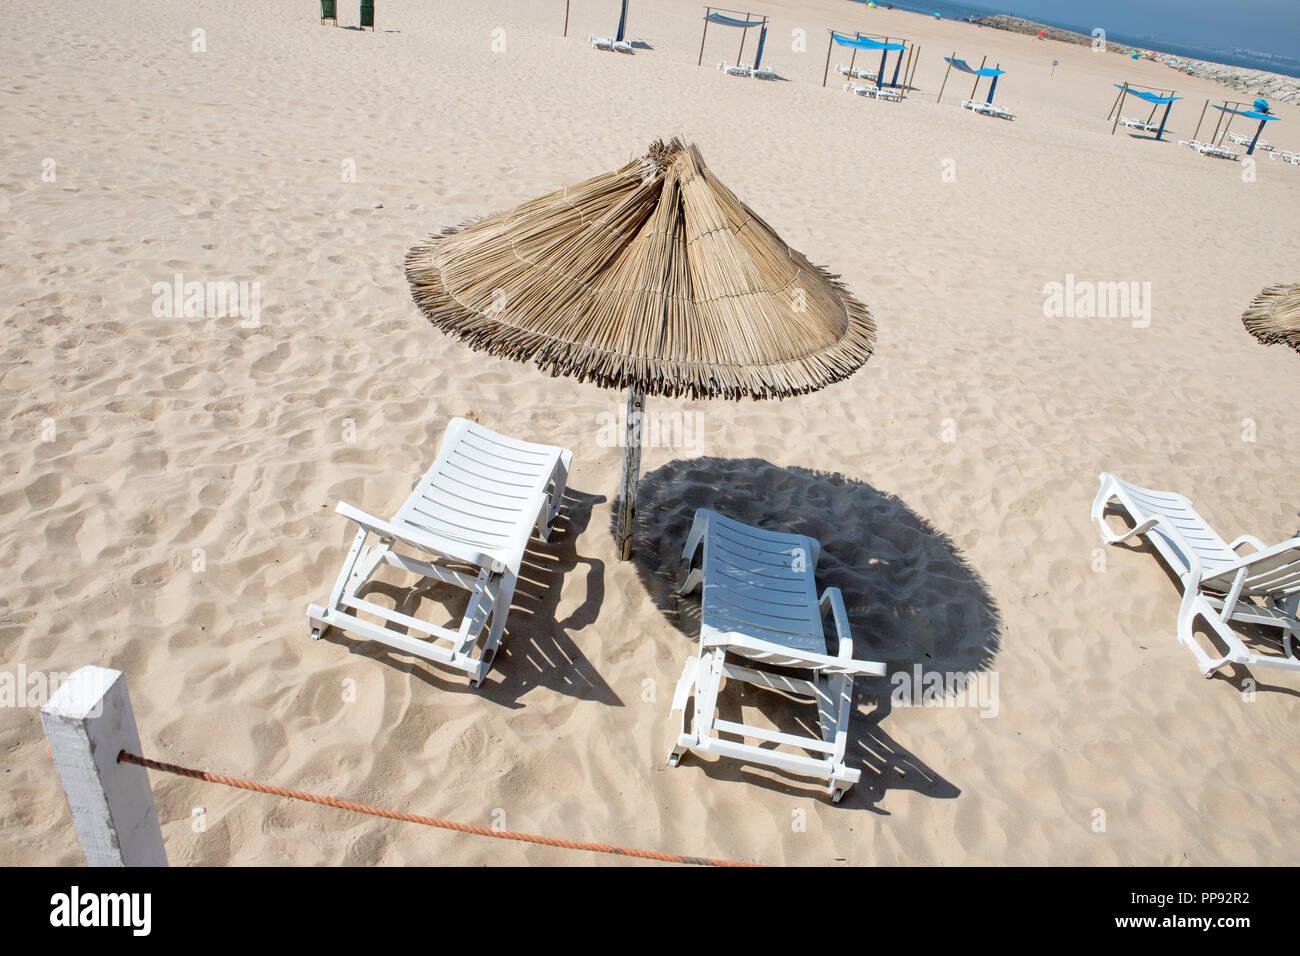 Portugal beach, Cova do Vapor. - Stock Image